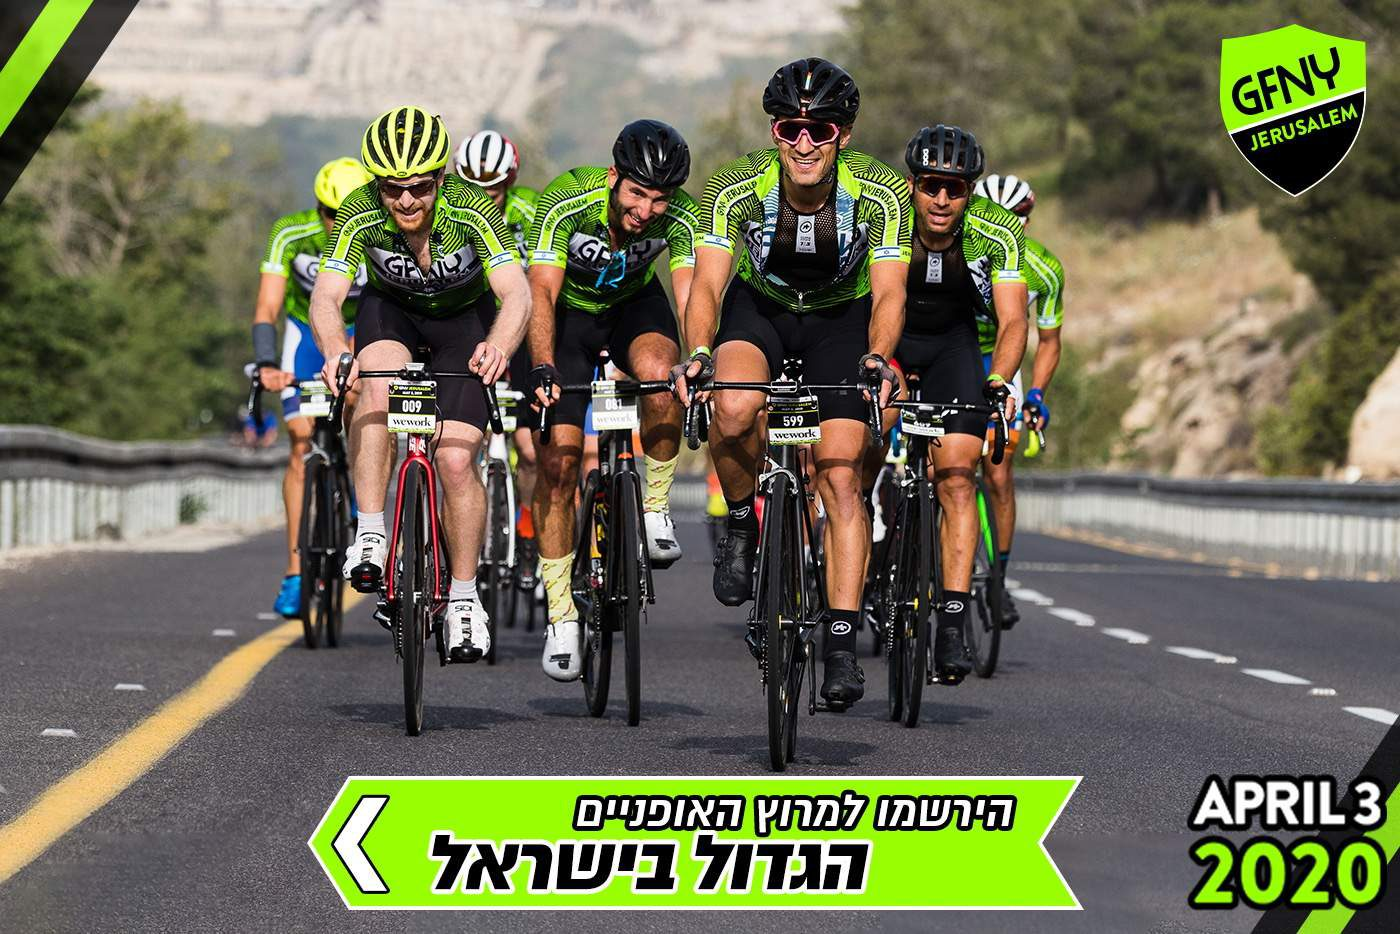 גראן פונדו ירושלים